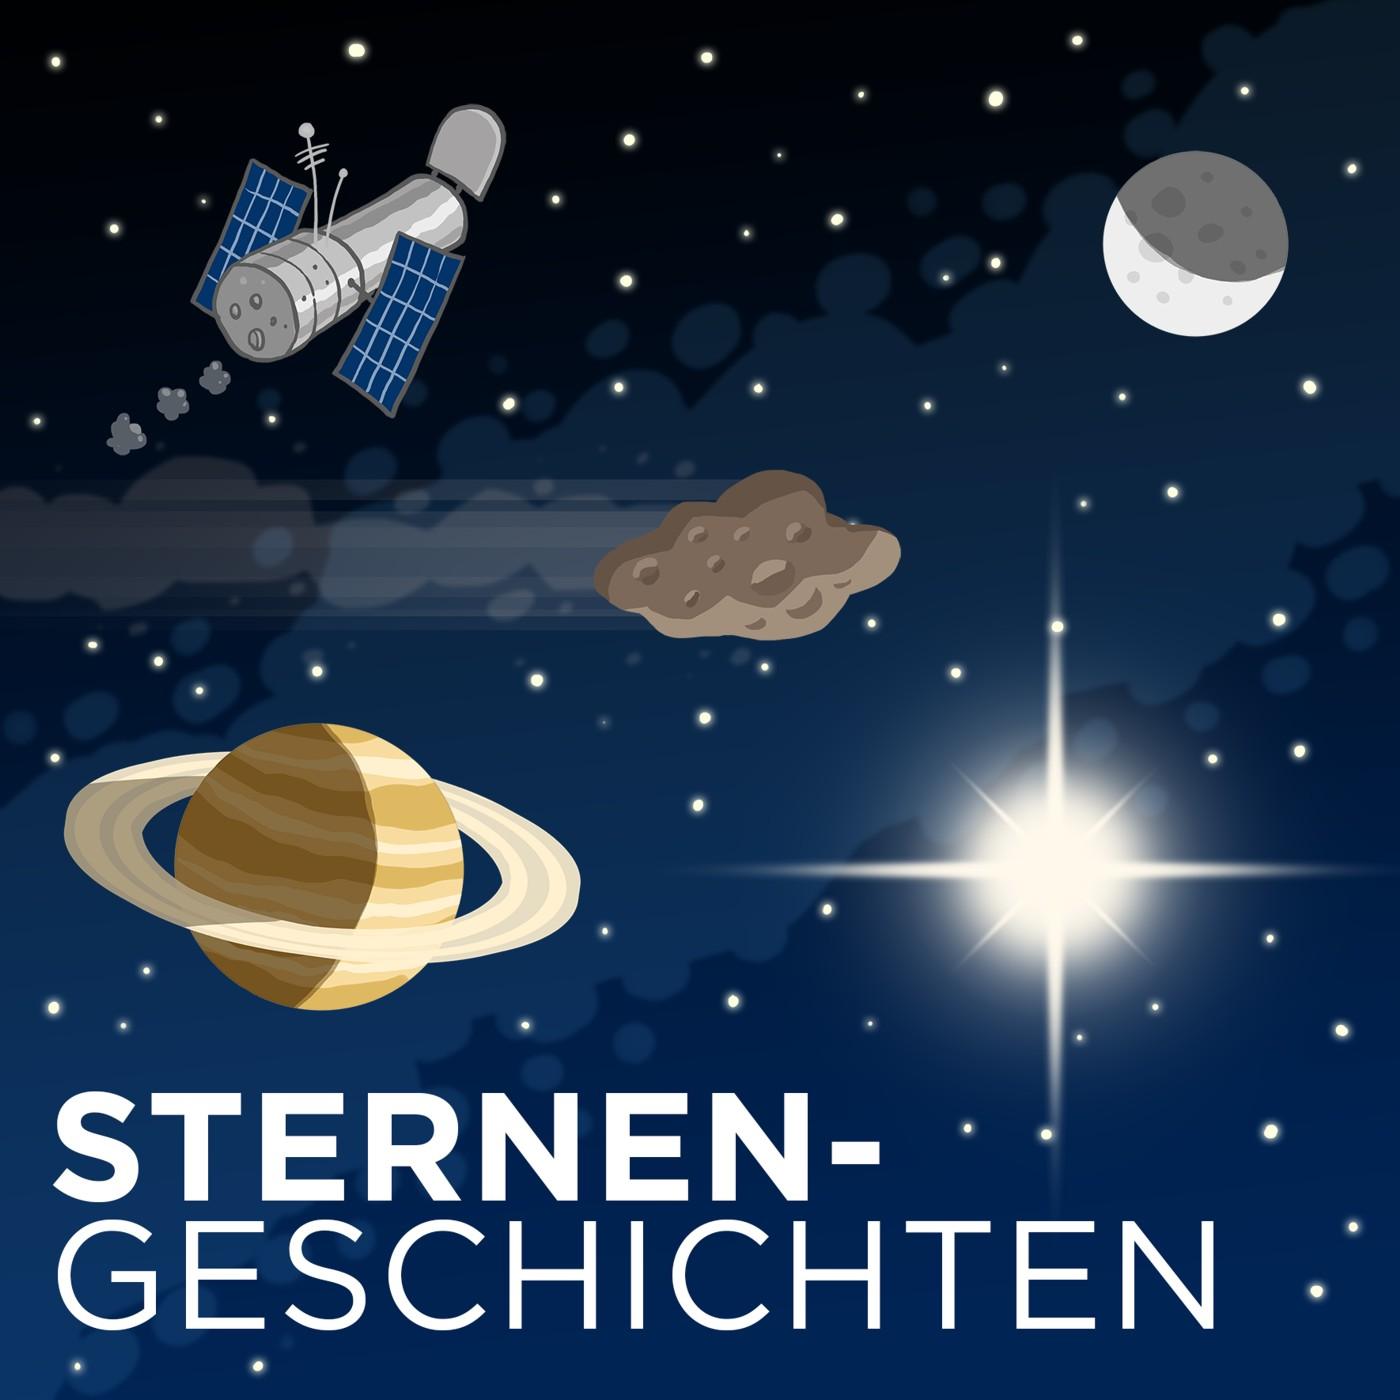 Sternengeschichten Folge 363: Energie durch Kernfusion